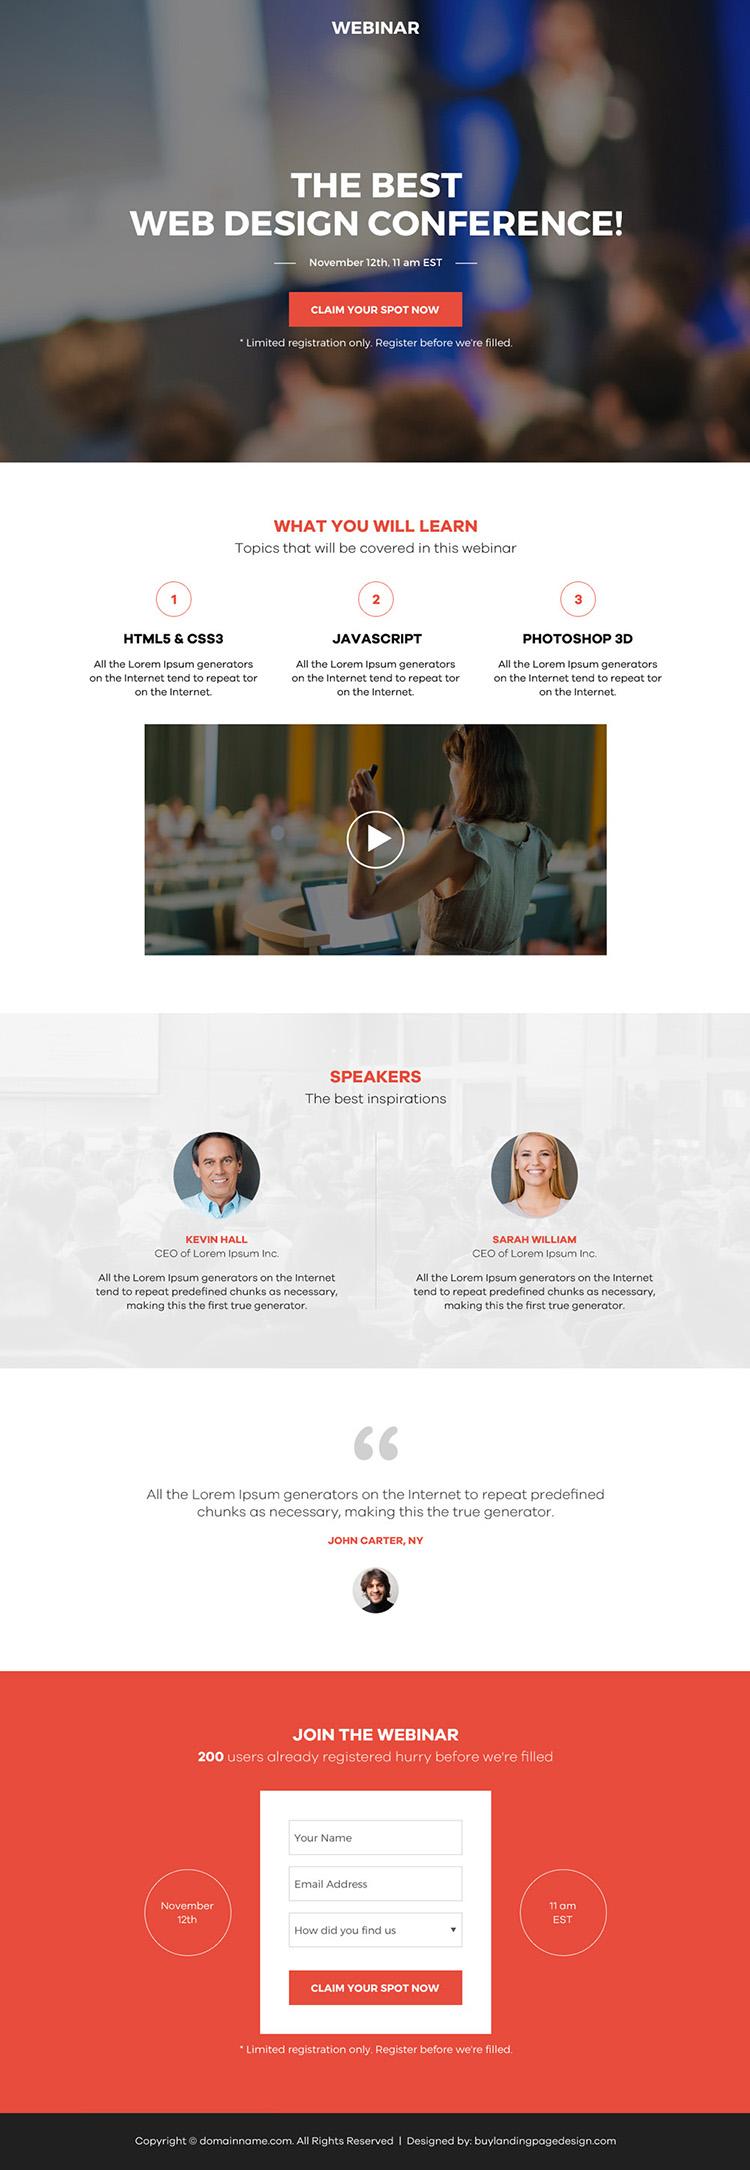 web design conference webinar responsive landing page